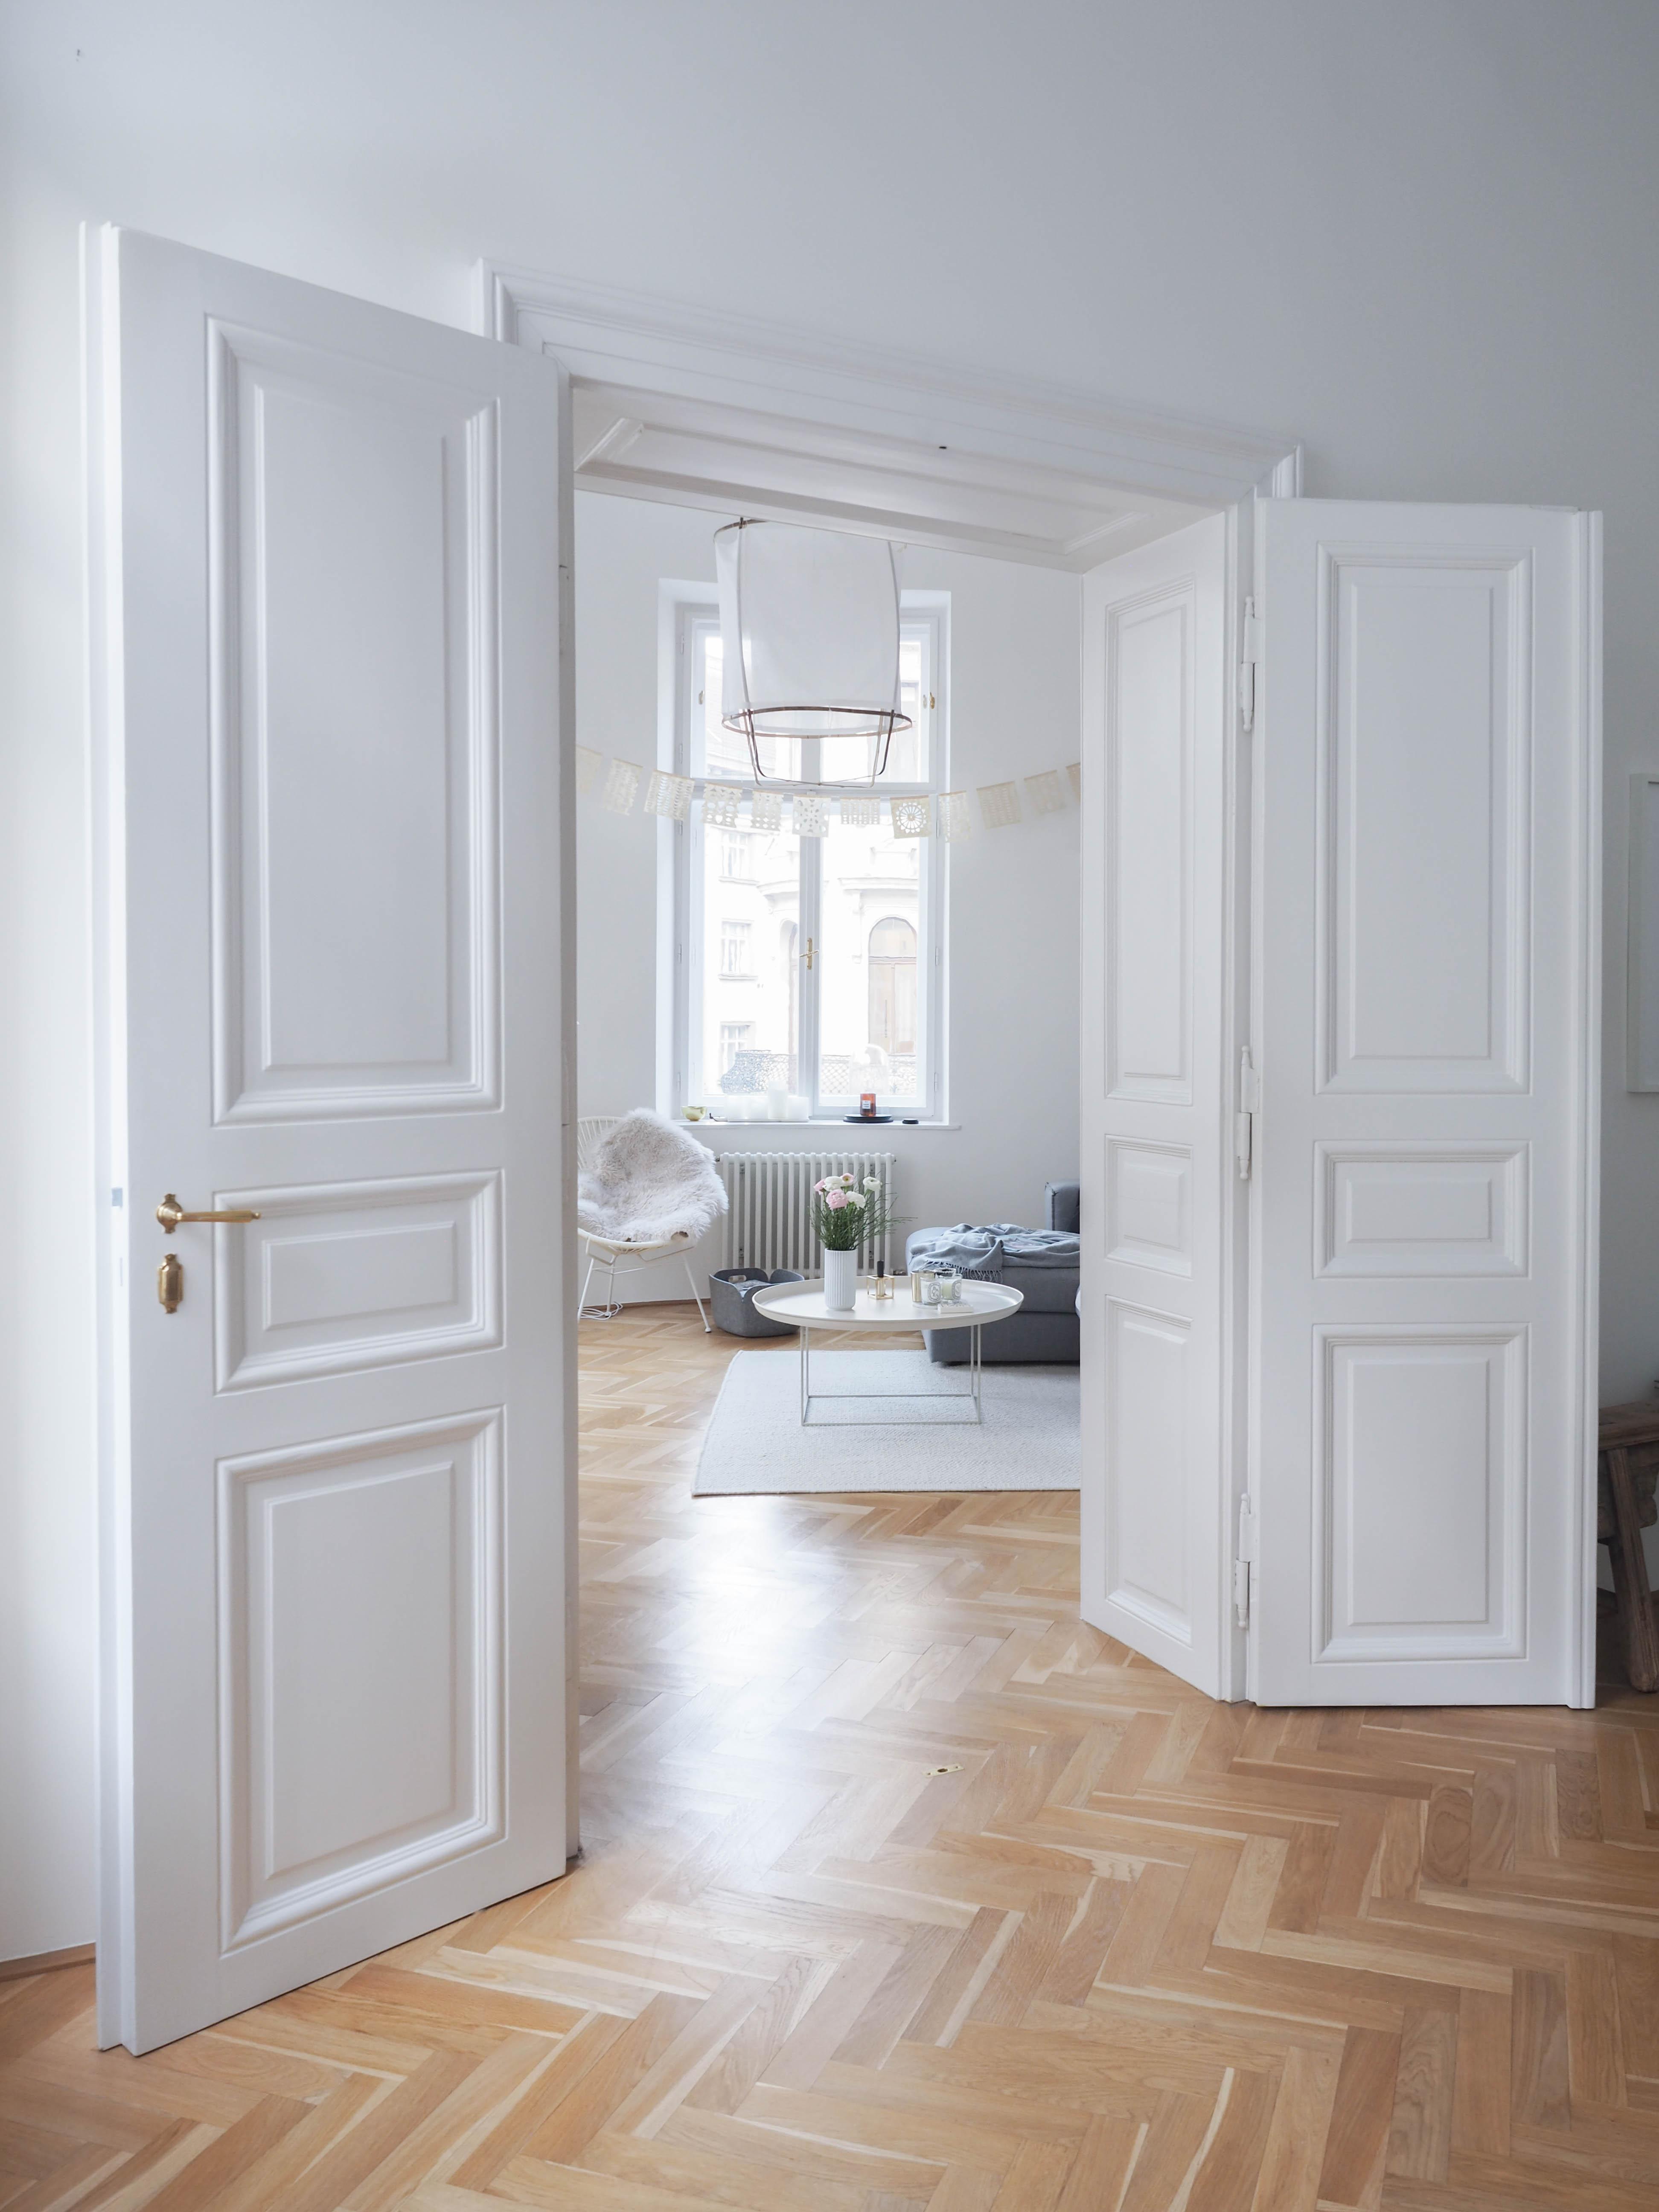 Traumzuhause fl gelt r wohnzimmer altbau traumzuhause - Altbau wohnzimmer ...